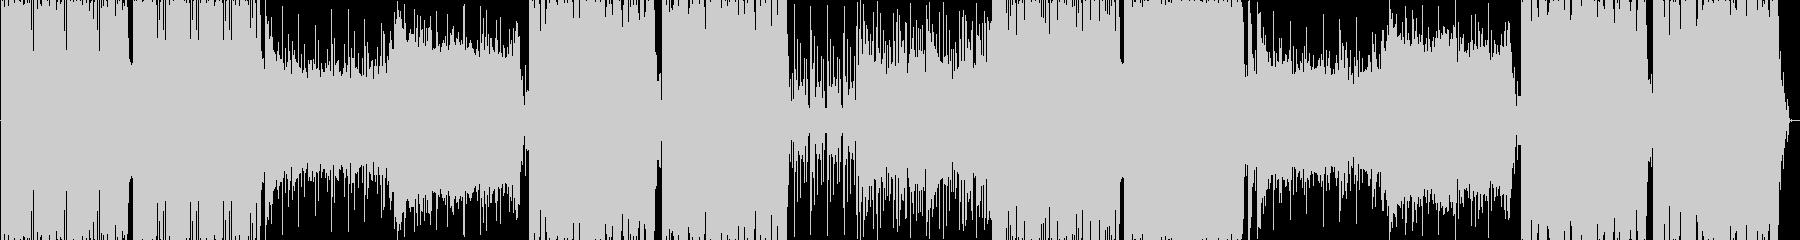 パンチの効いたバキバキのテクノの未再生の波形